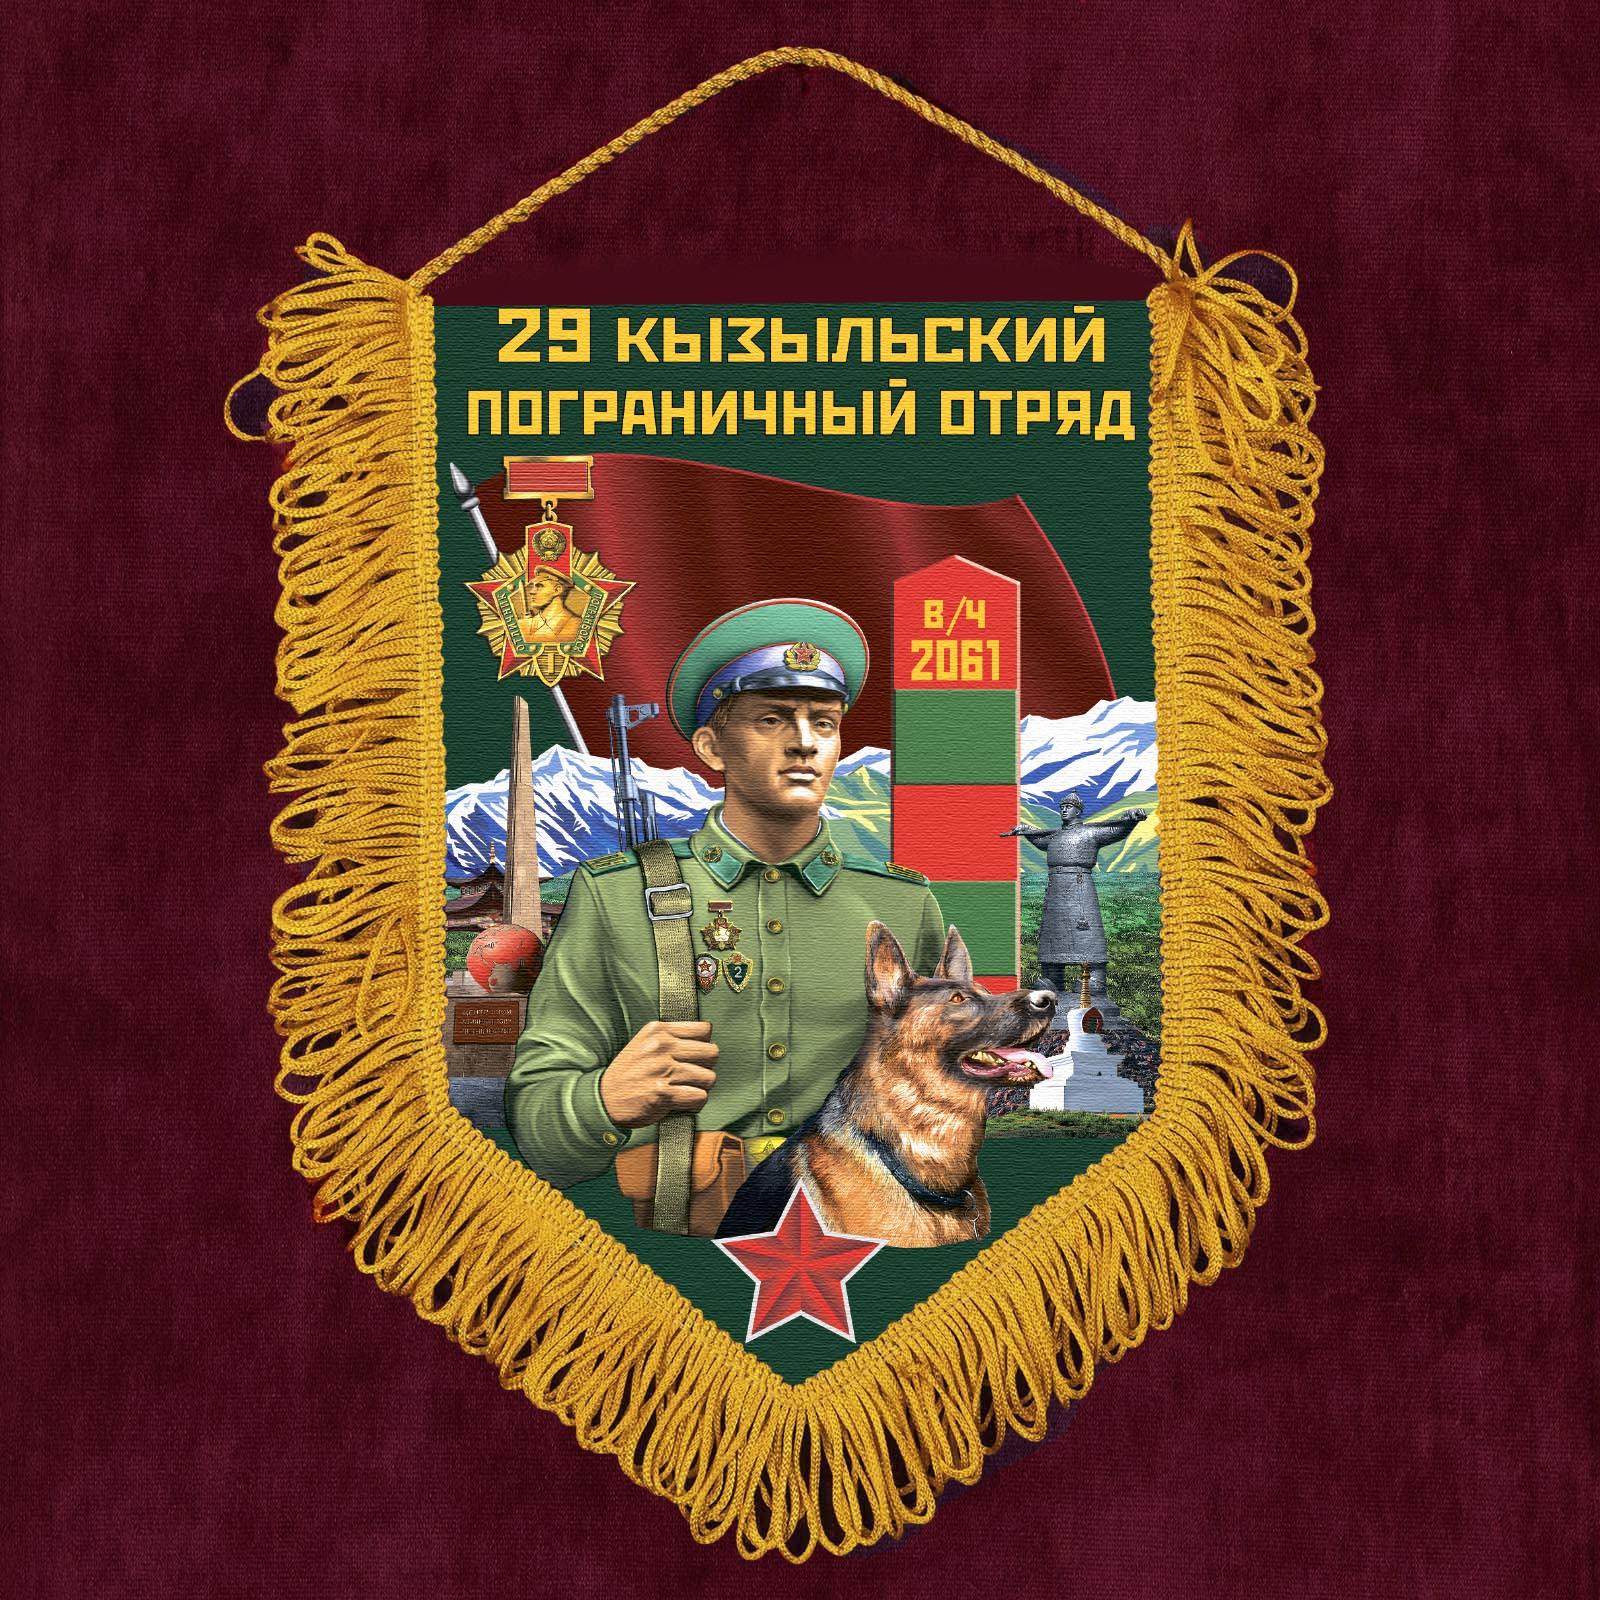 Подарочный вымпел 29 Кызыльский пограничный отряд